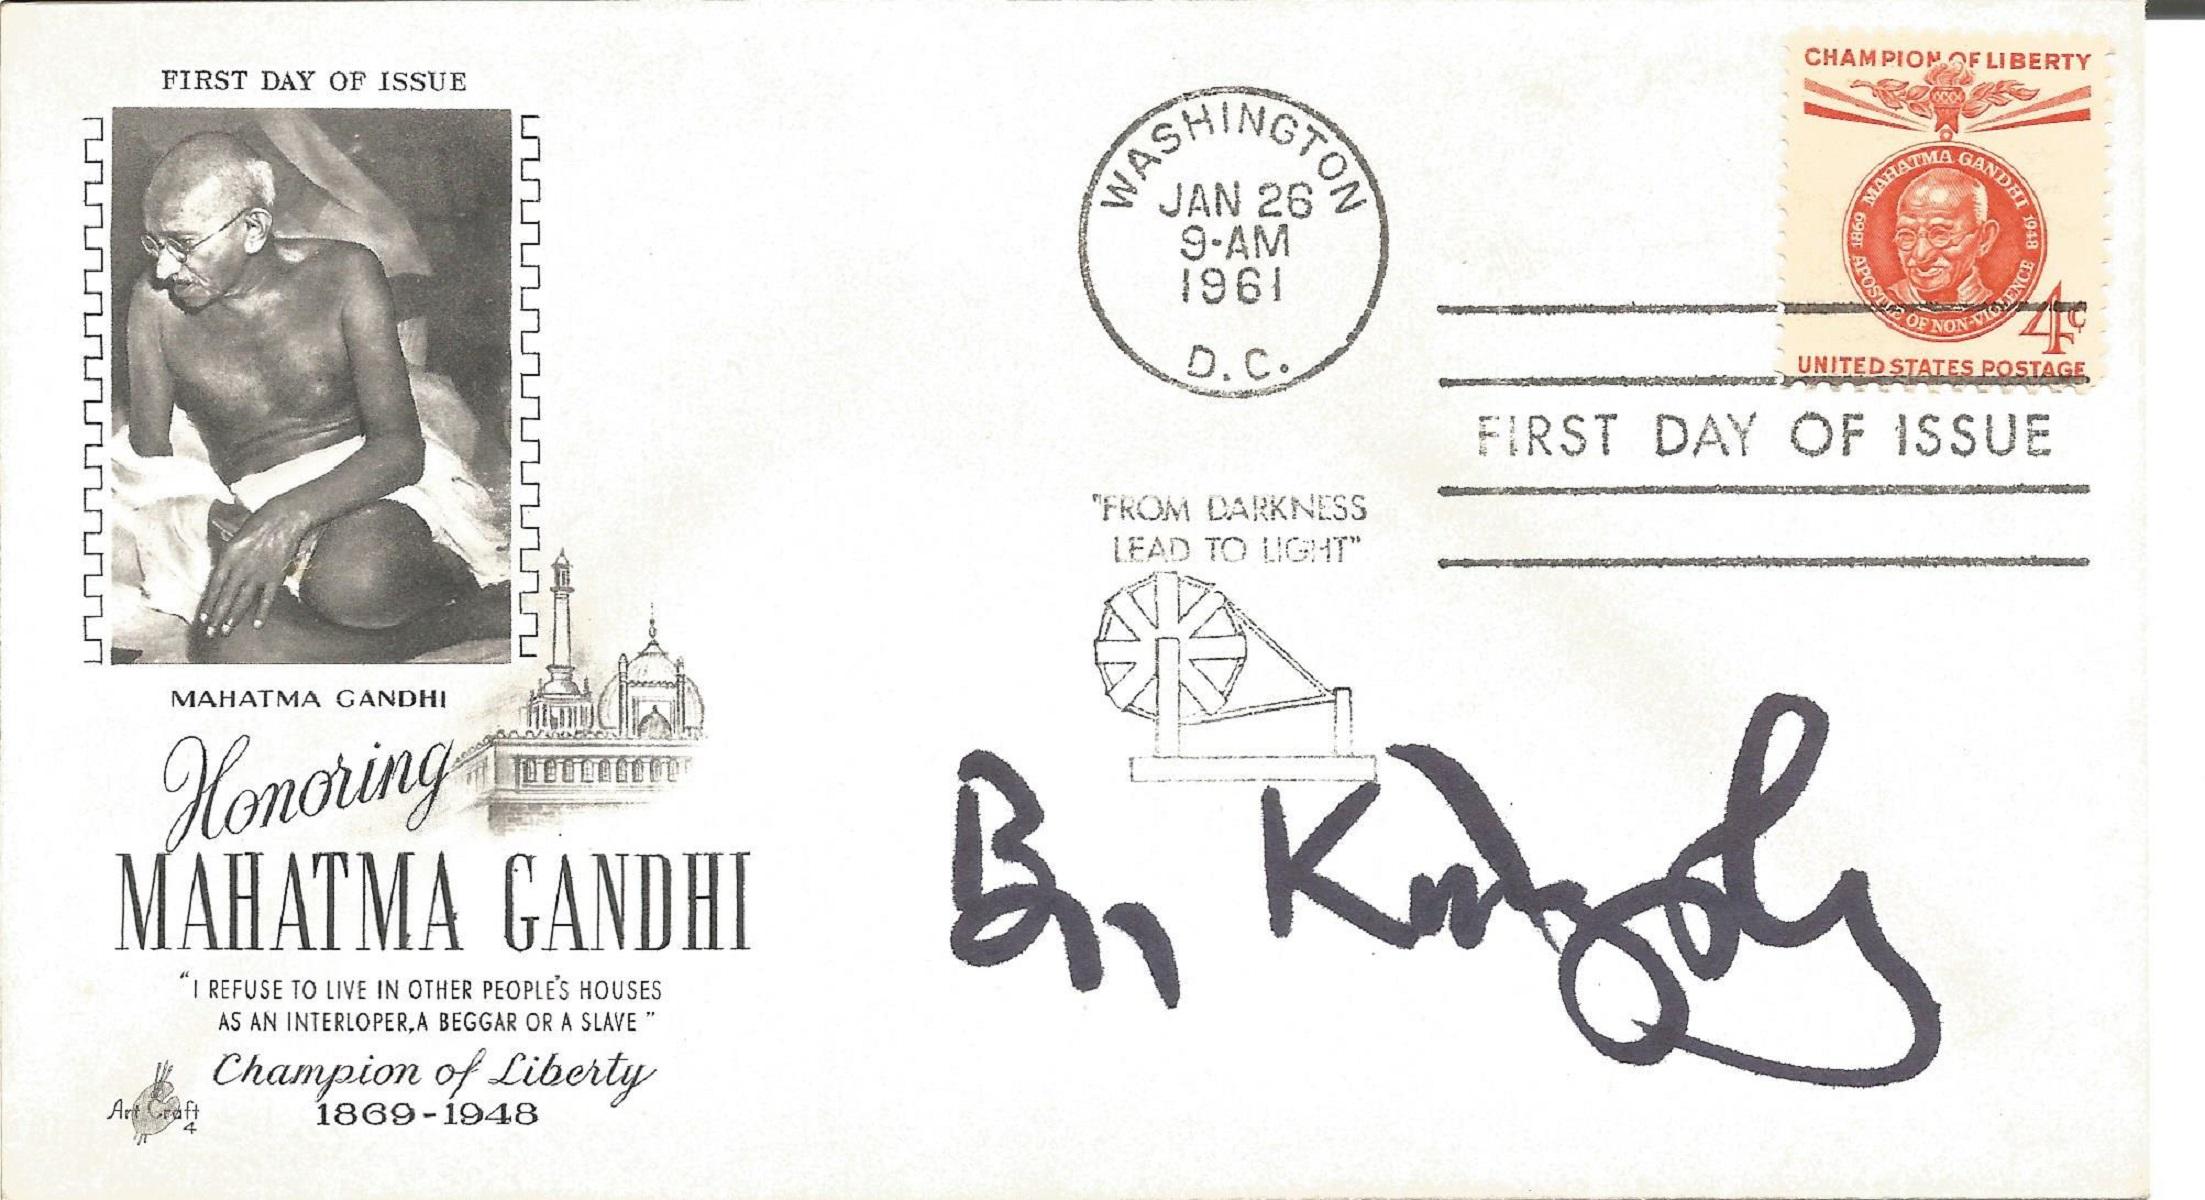 Ben Kingsley signed FDC celebrating Mahatma Gandhi, Champion of Liberty. Post marked Washington,